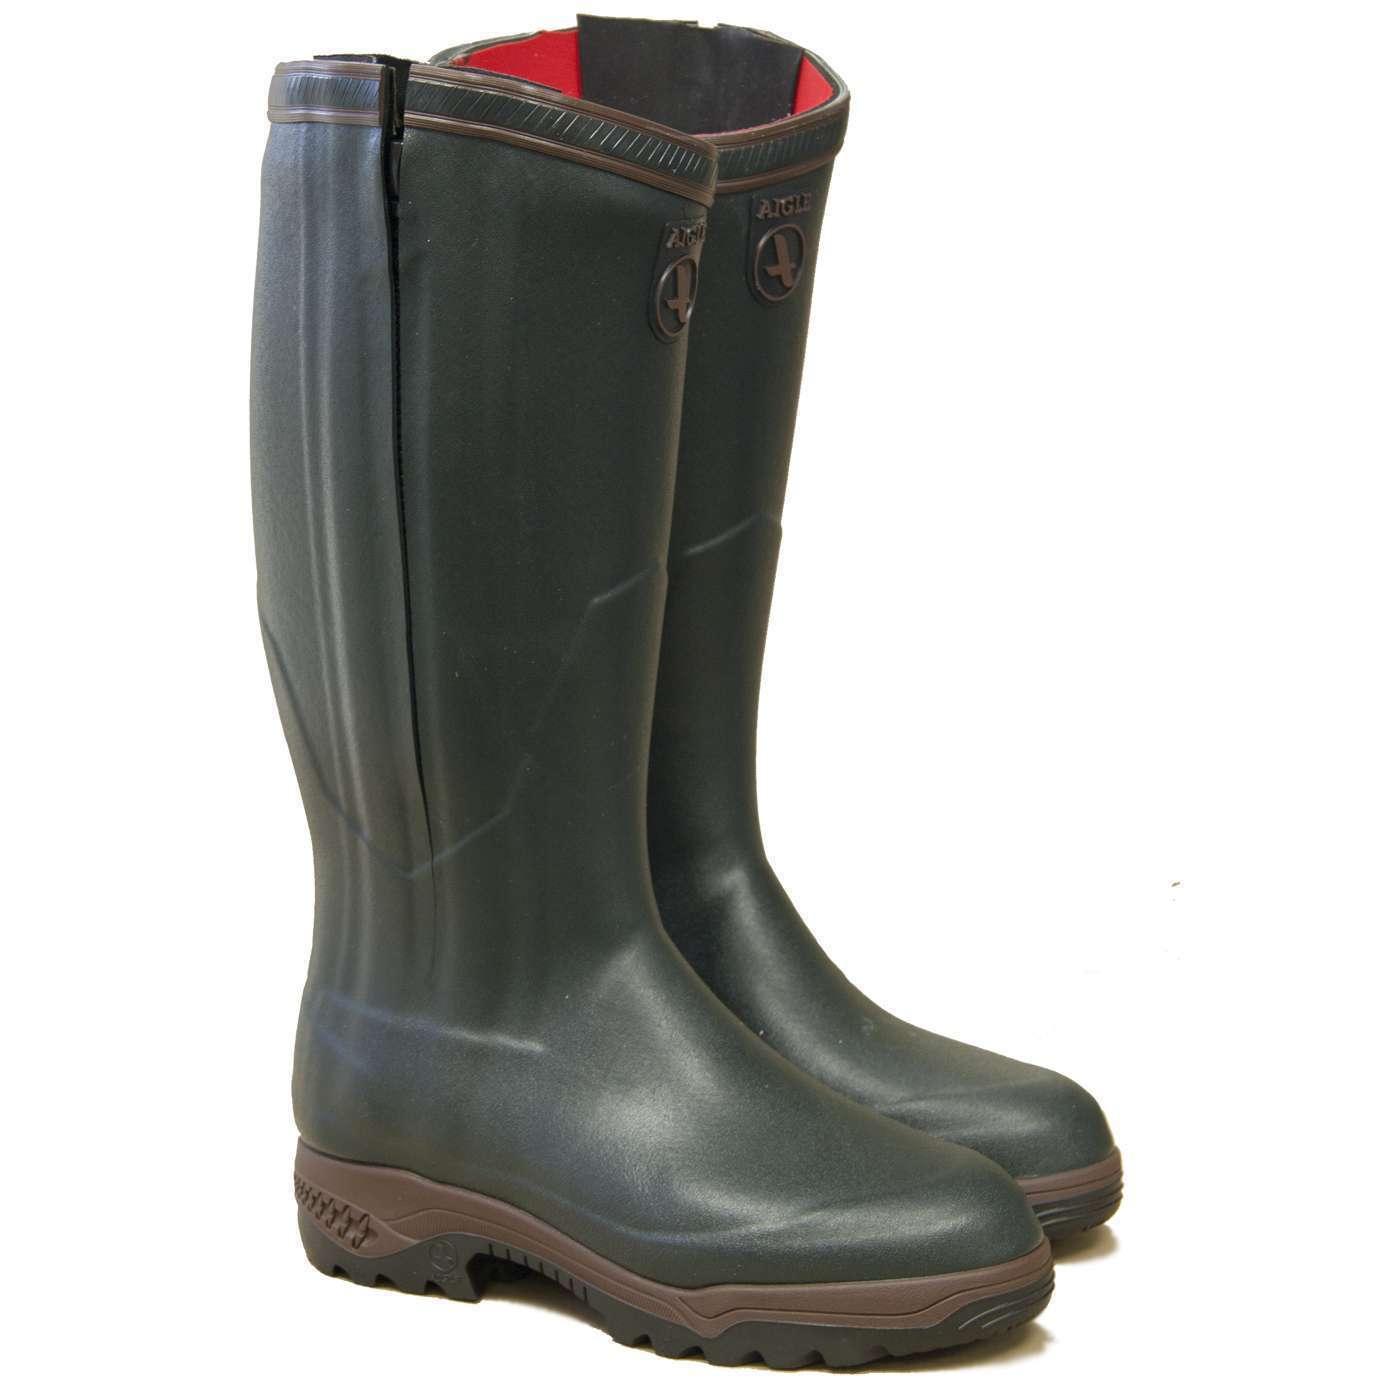 Aigle Parcours 2 ISO Cerniera Intera Open Stivali di gomma-BRONZO/VERDE SCURO